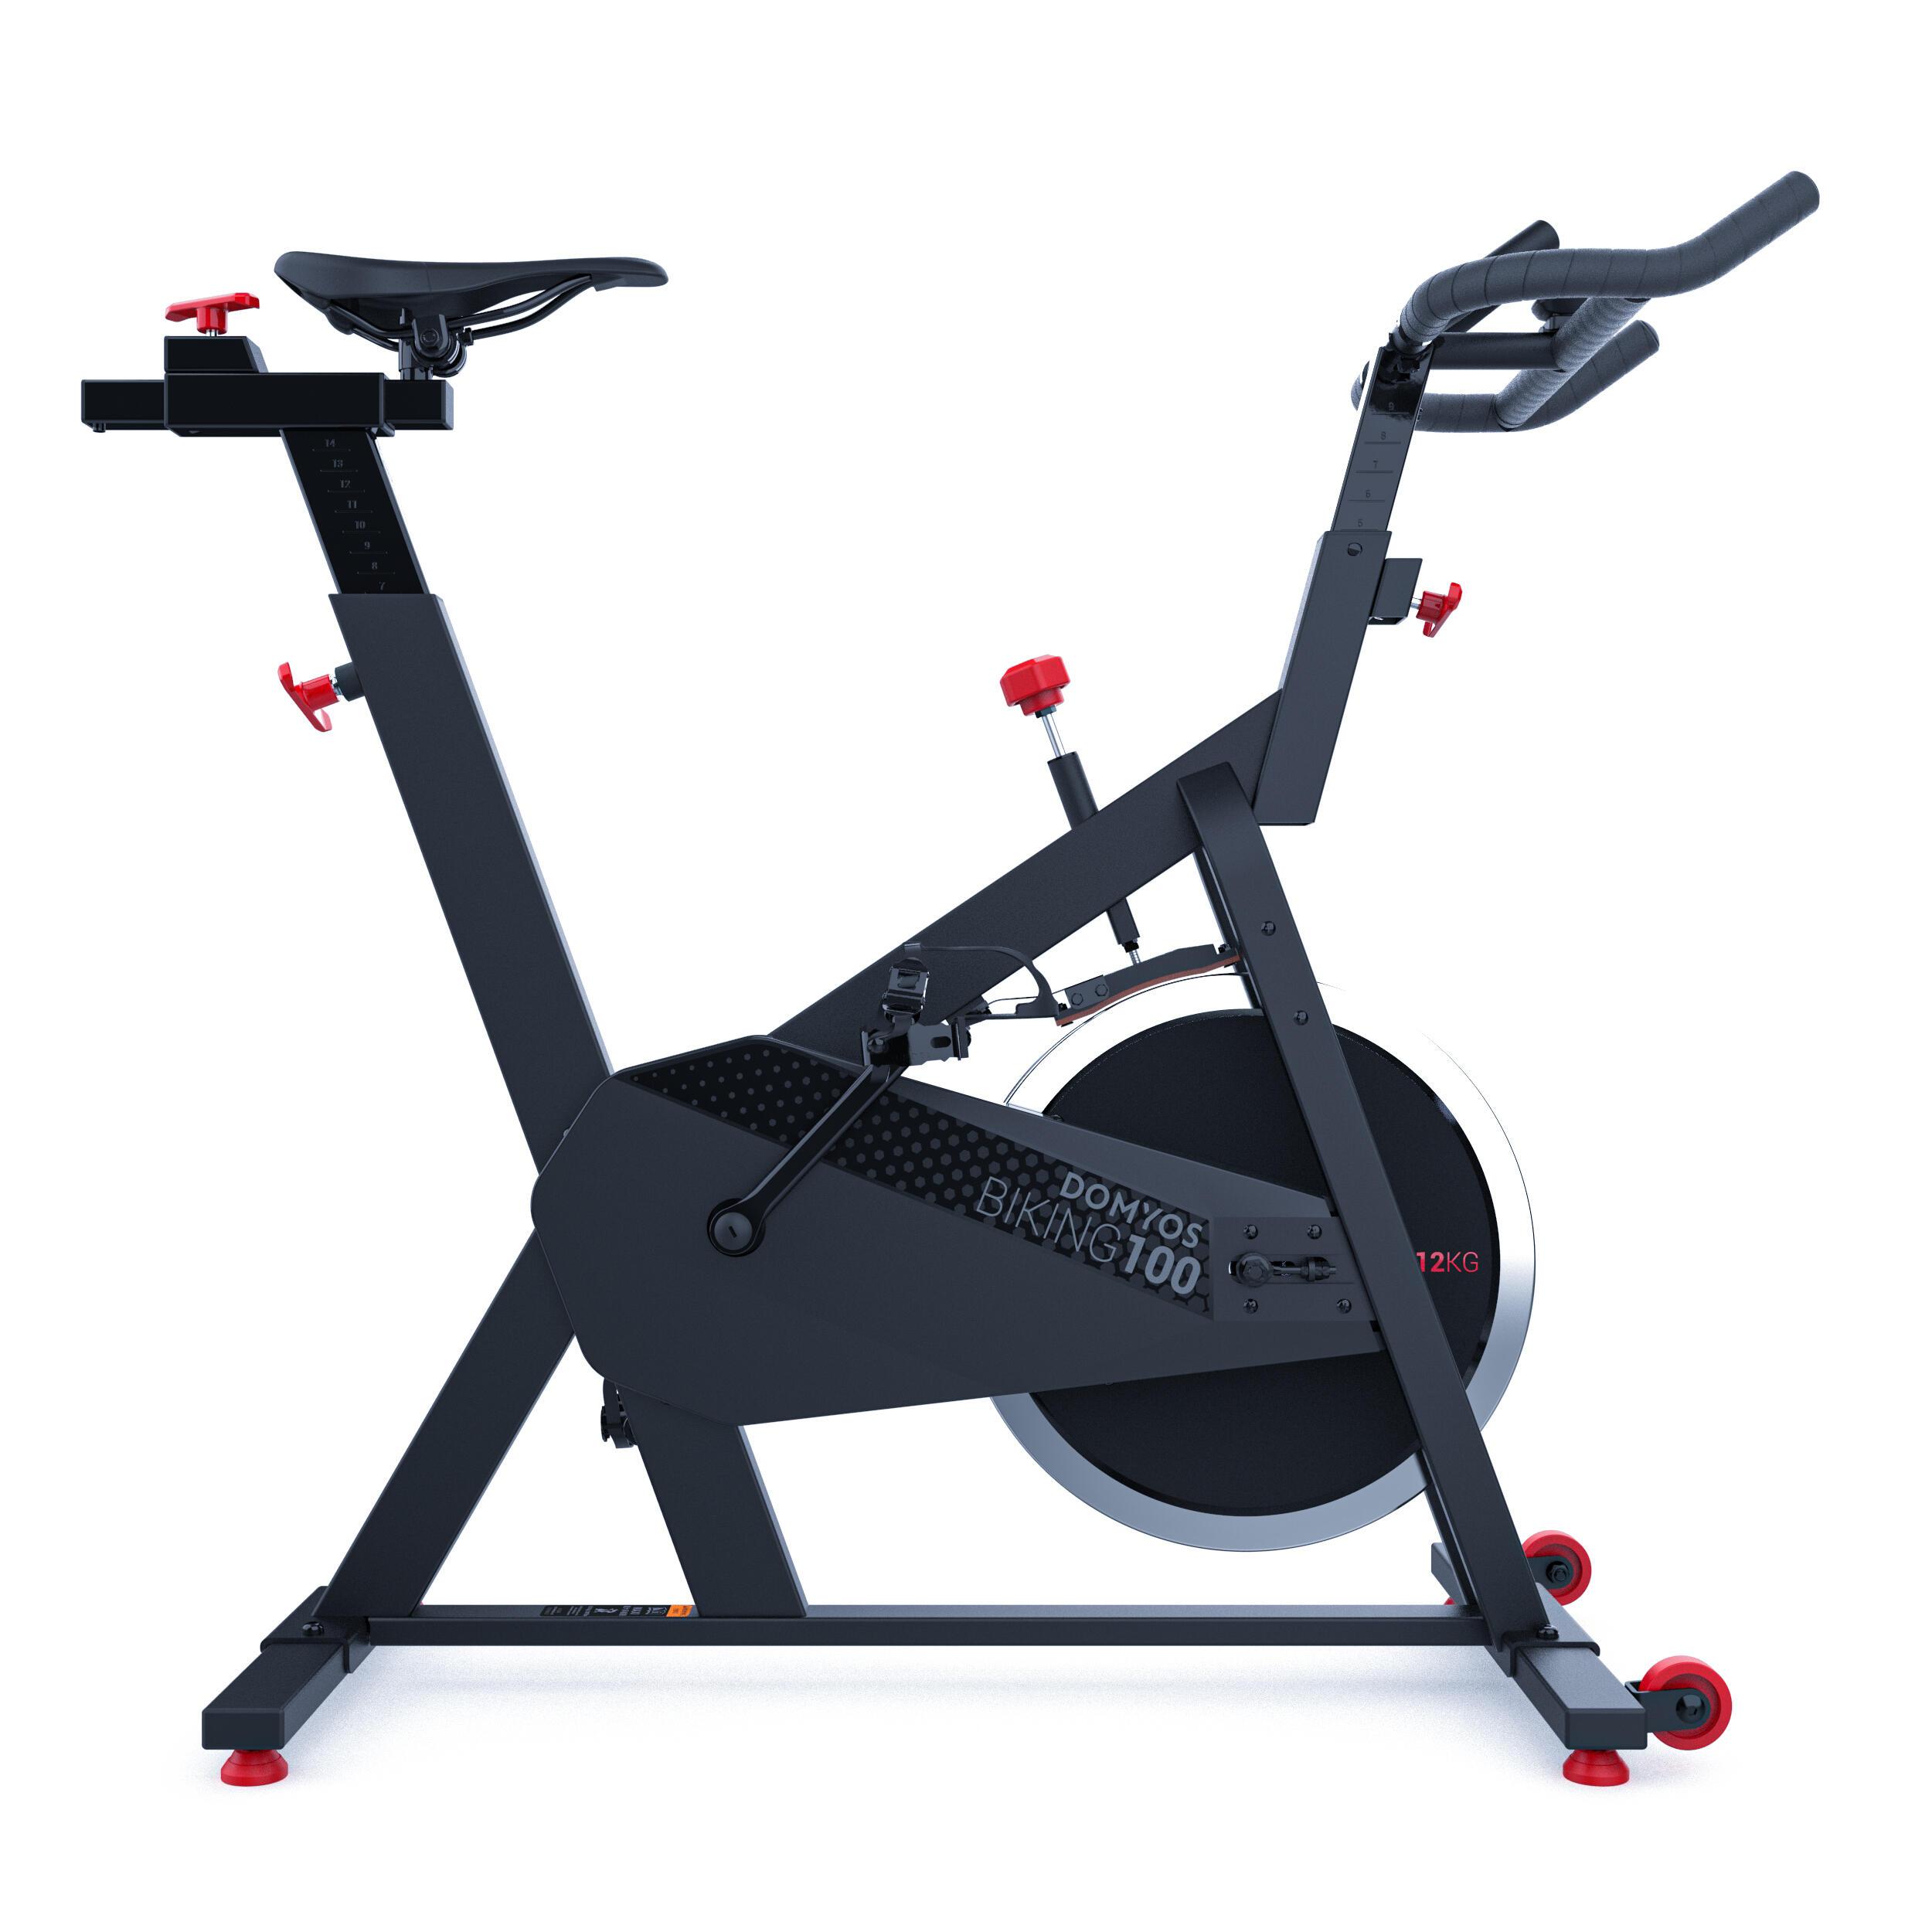 Cyclisme cardio homme t shirt vélo exercice d/'entraînement en bonne santé gym sports homme